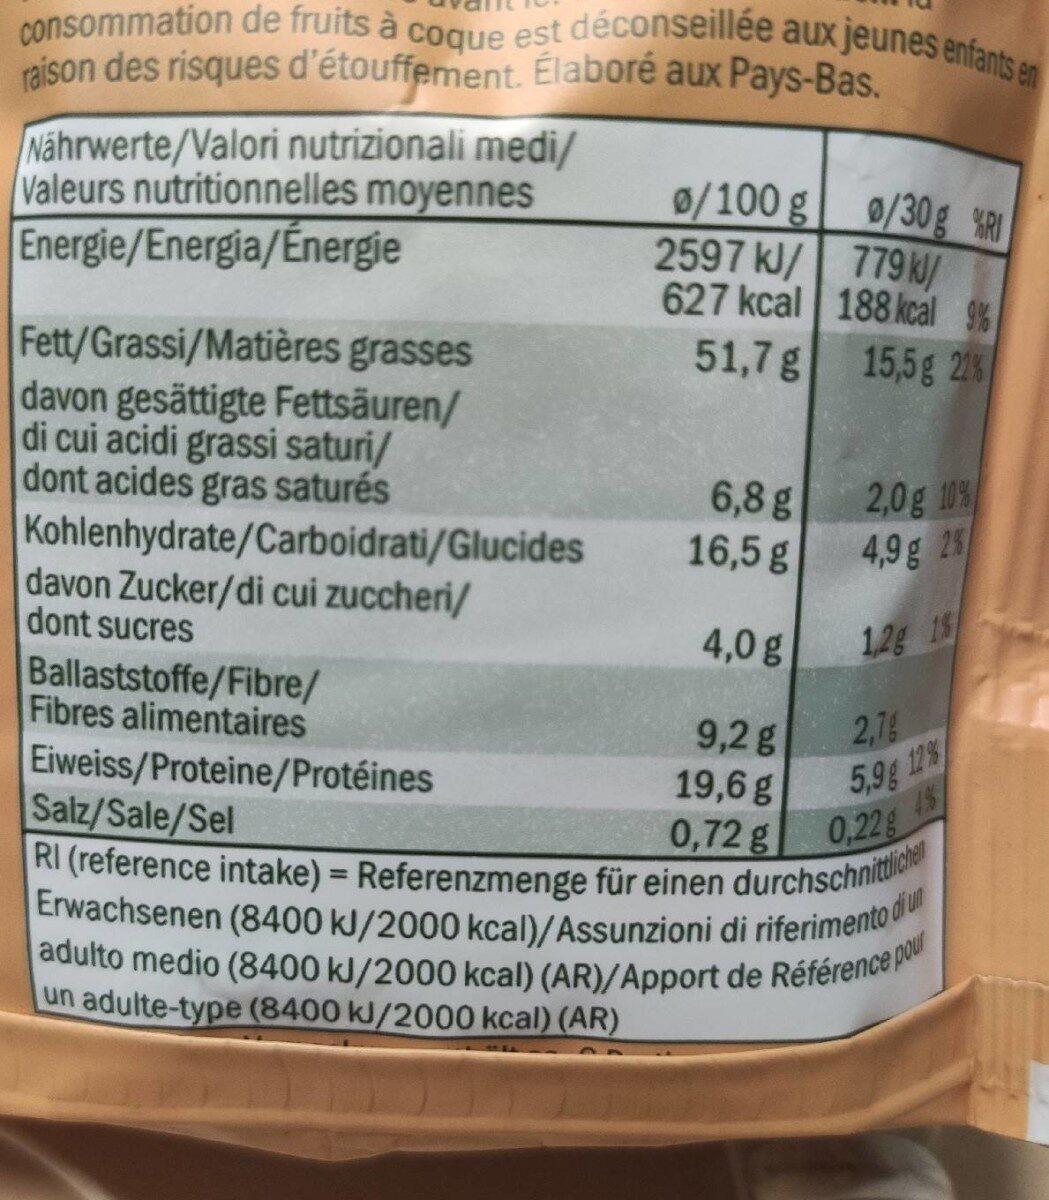 Mélange de noix maïs et noix de macadamia - Informations nutritionnelles - fr